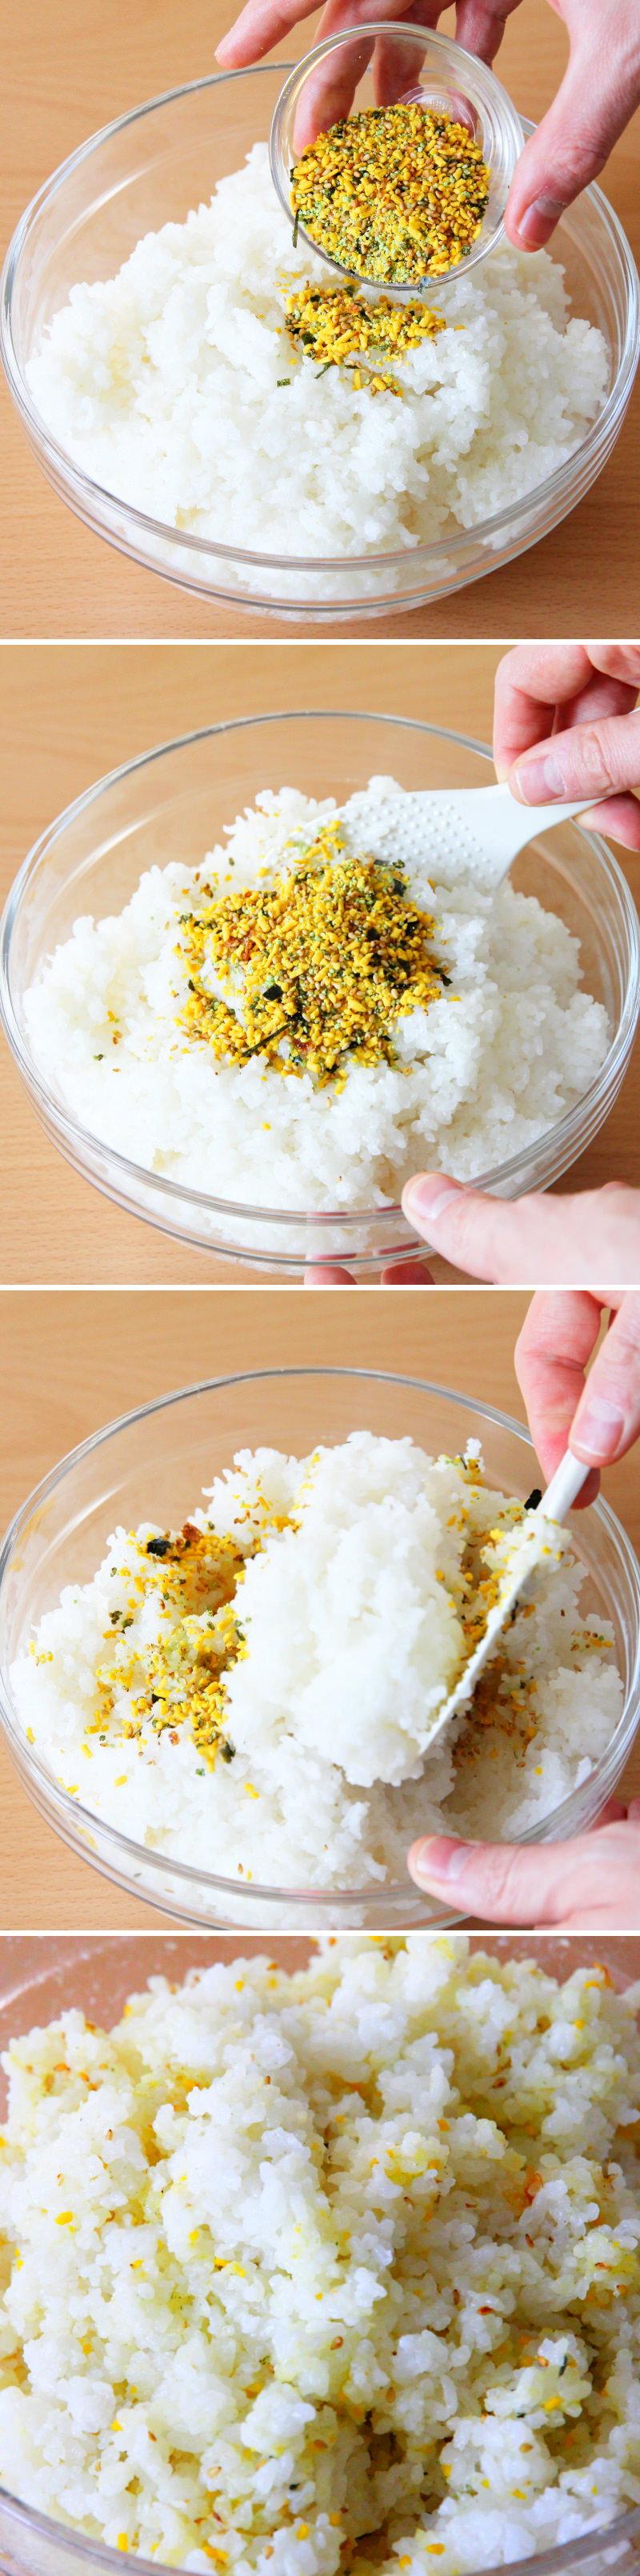 Onigiri mit Furikake Schritt 2 Reis würzen